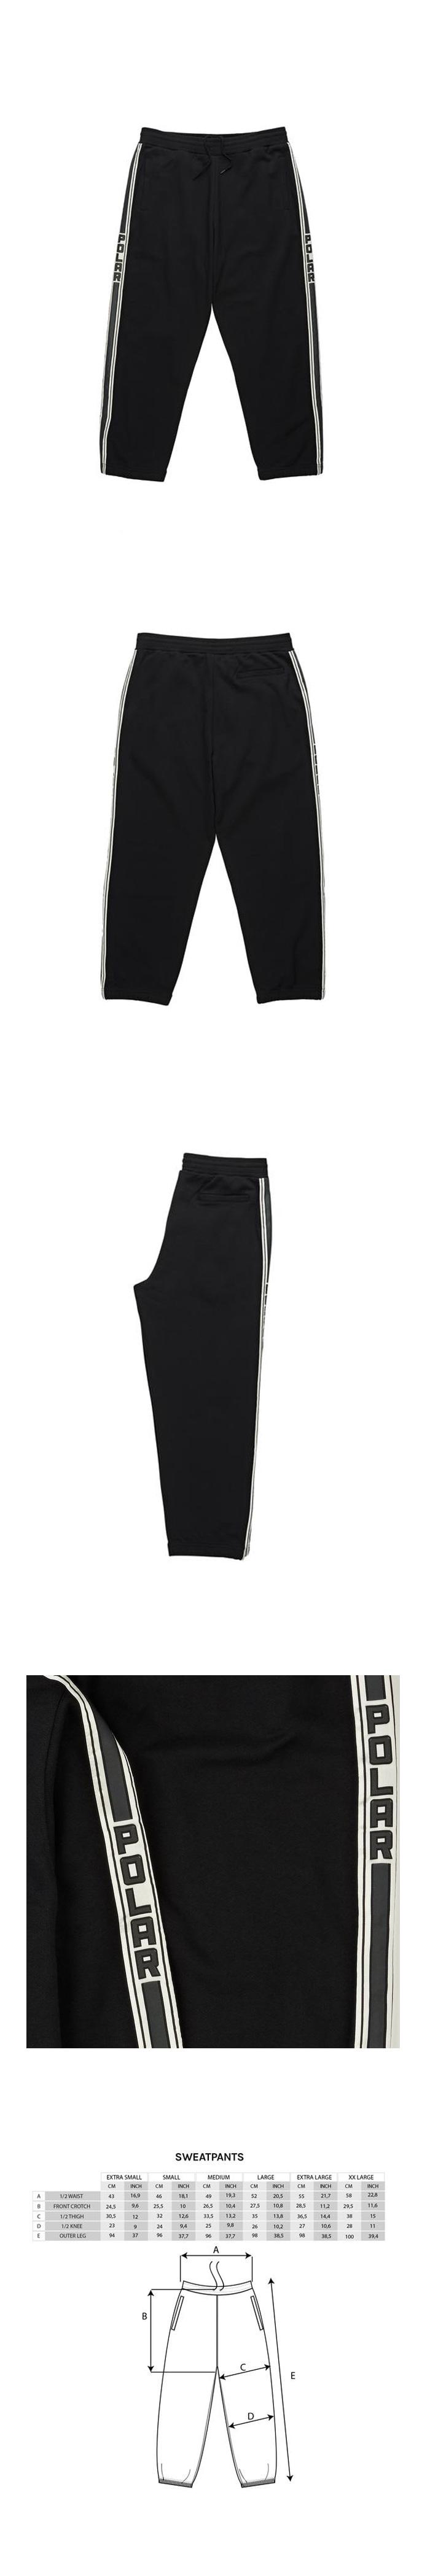 폴라(POLAR) Tape Sweatpants - Black